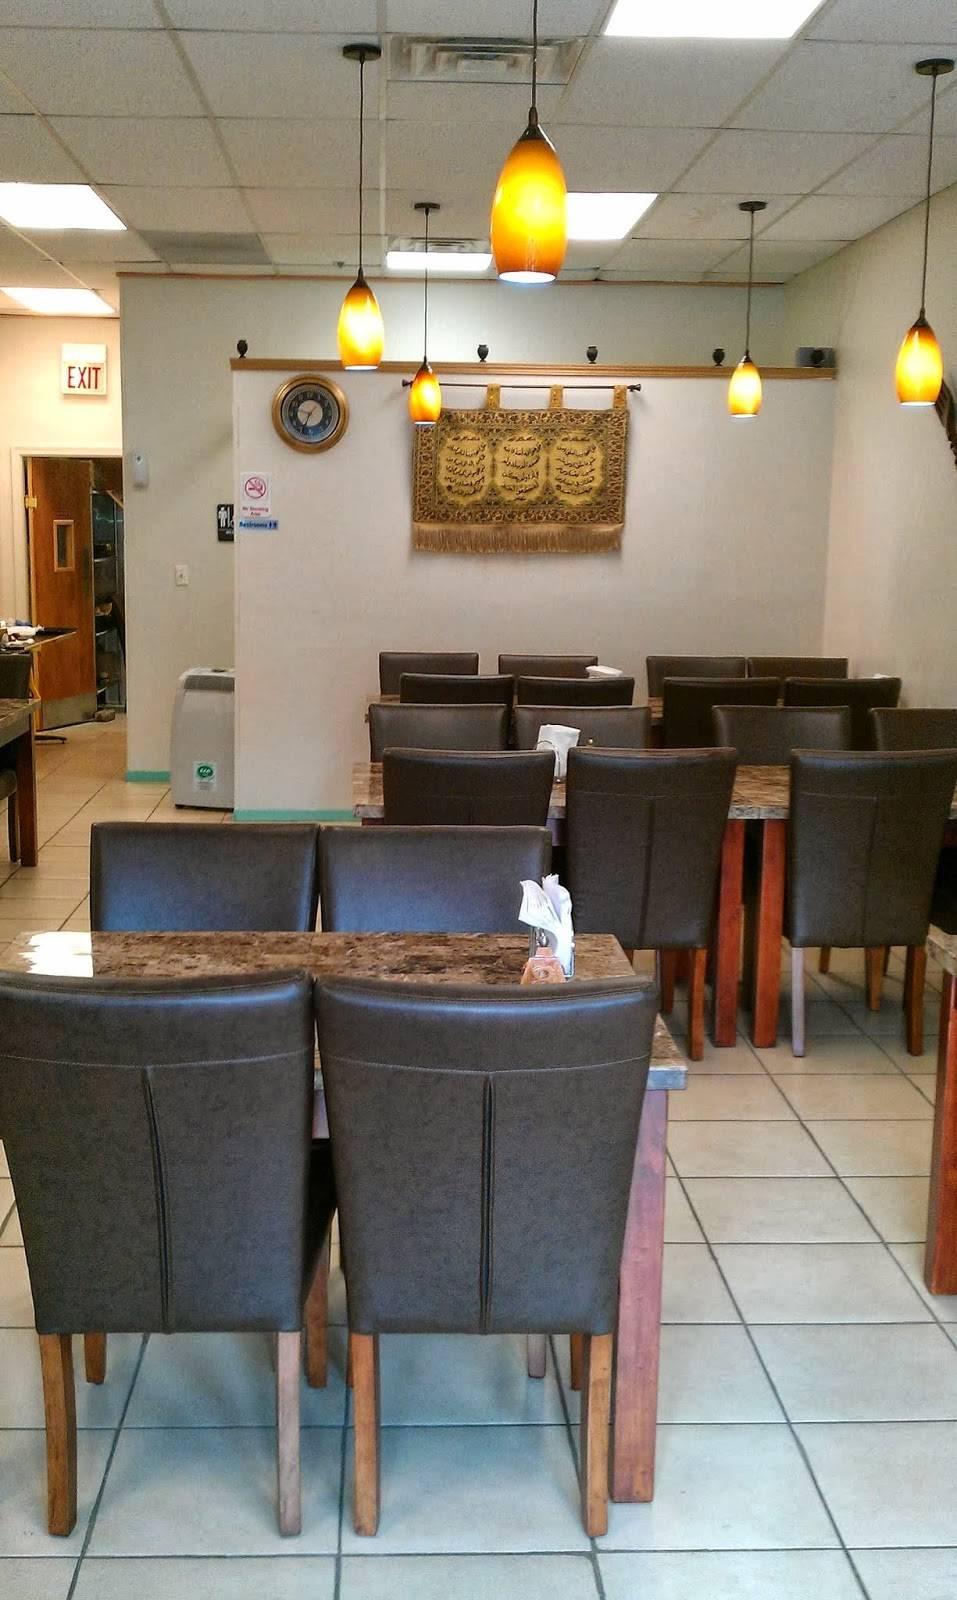 Saag Hut Restaurant | restaurant | 646 S Frontenac St, Aurora, IL 60504, USA | 6304999520 OR +1 630-499-9520